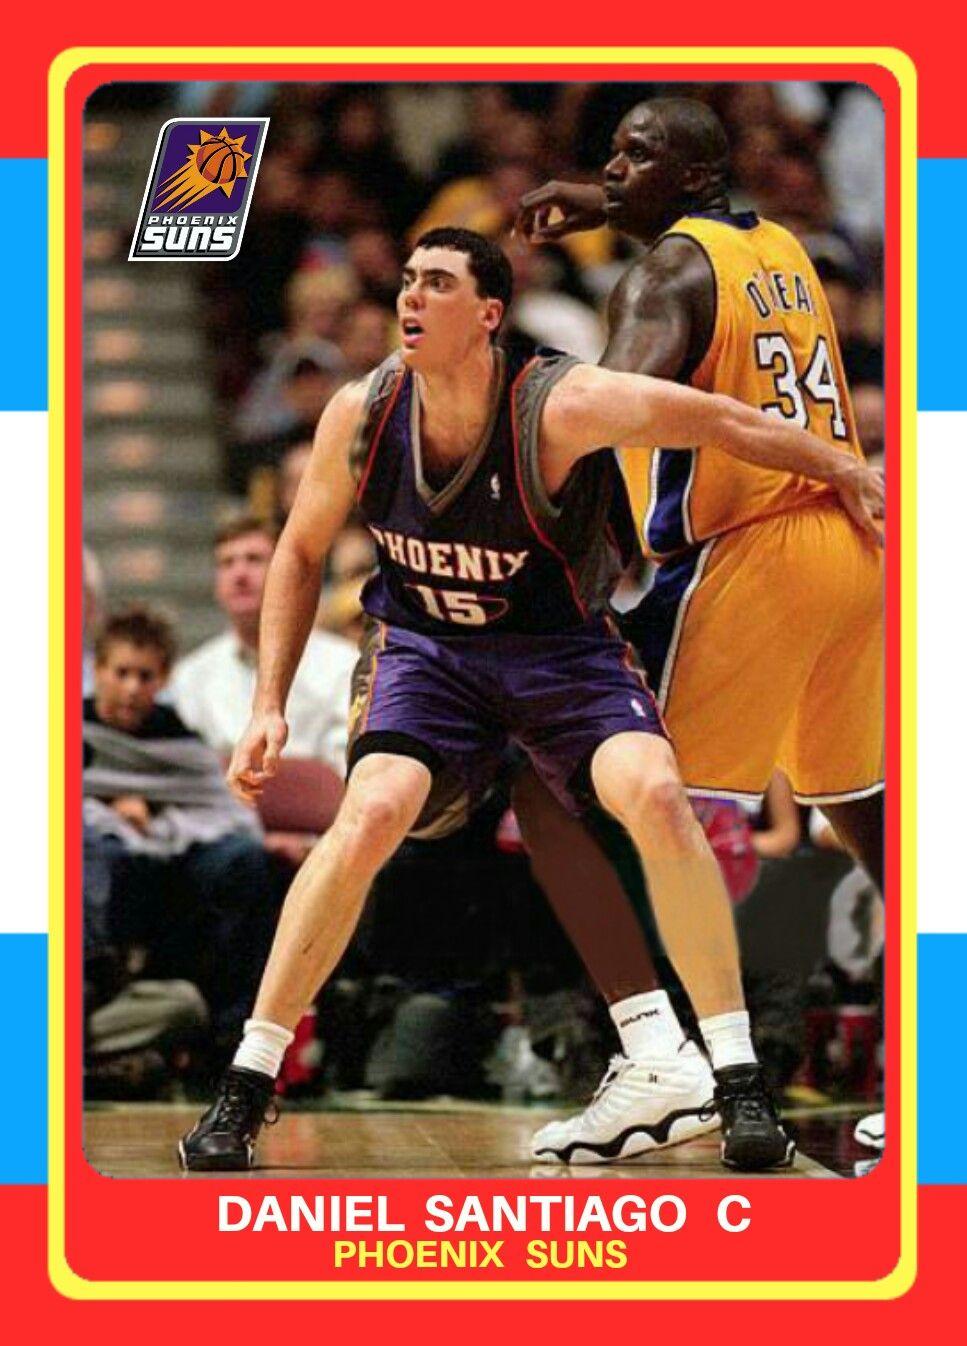 Daniel Santiago Suns NBA custom basketball card Nba